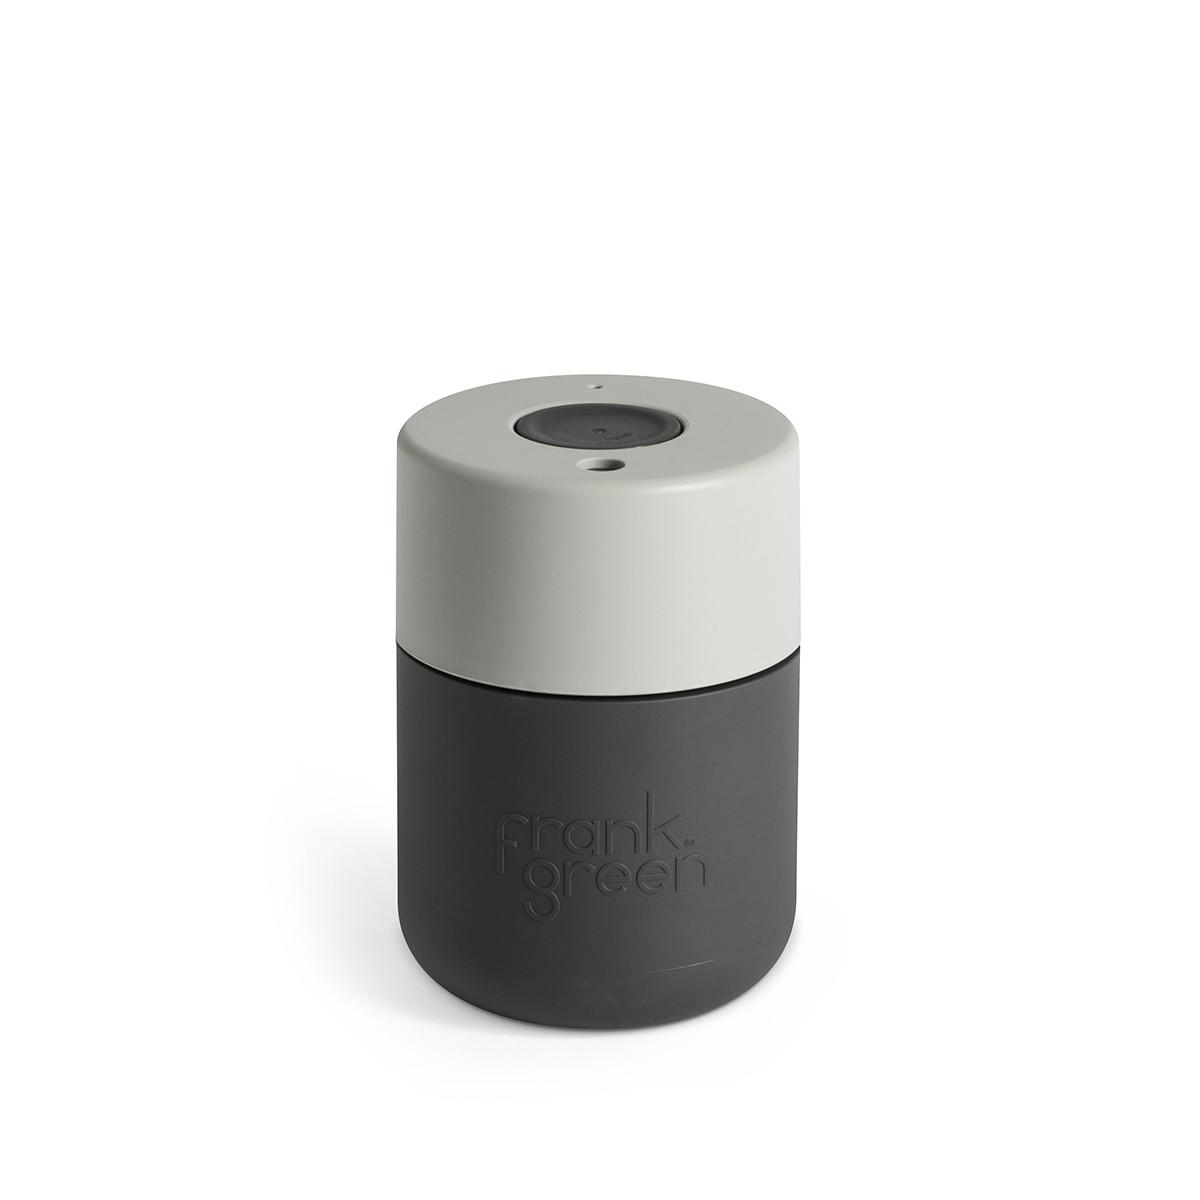 Frank green smart cup - titanium/cool grey